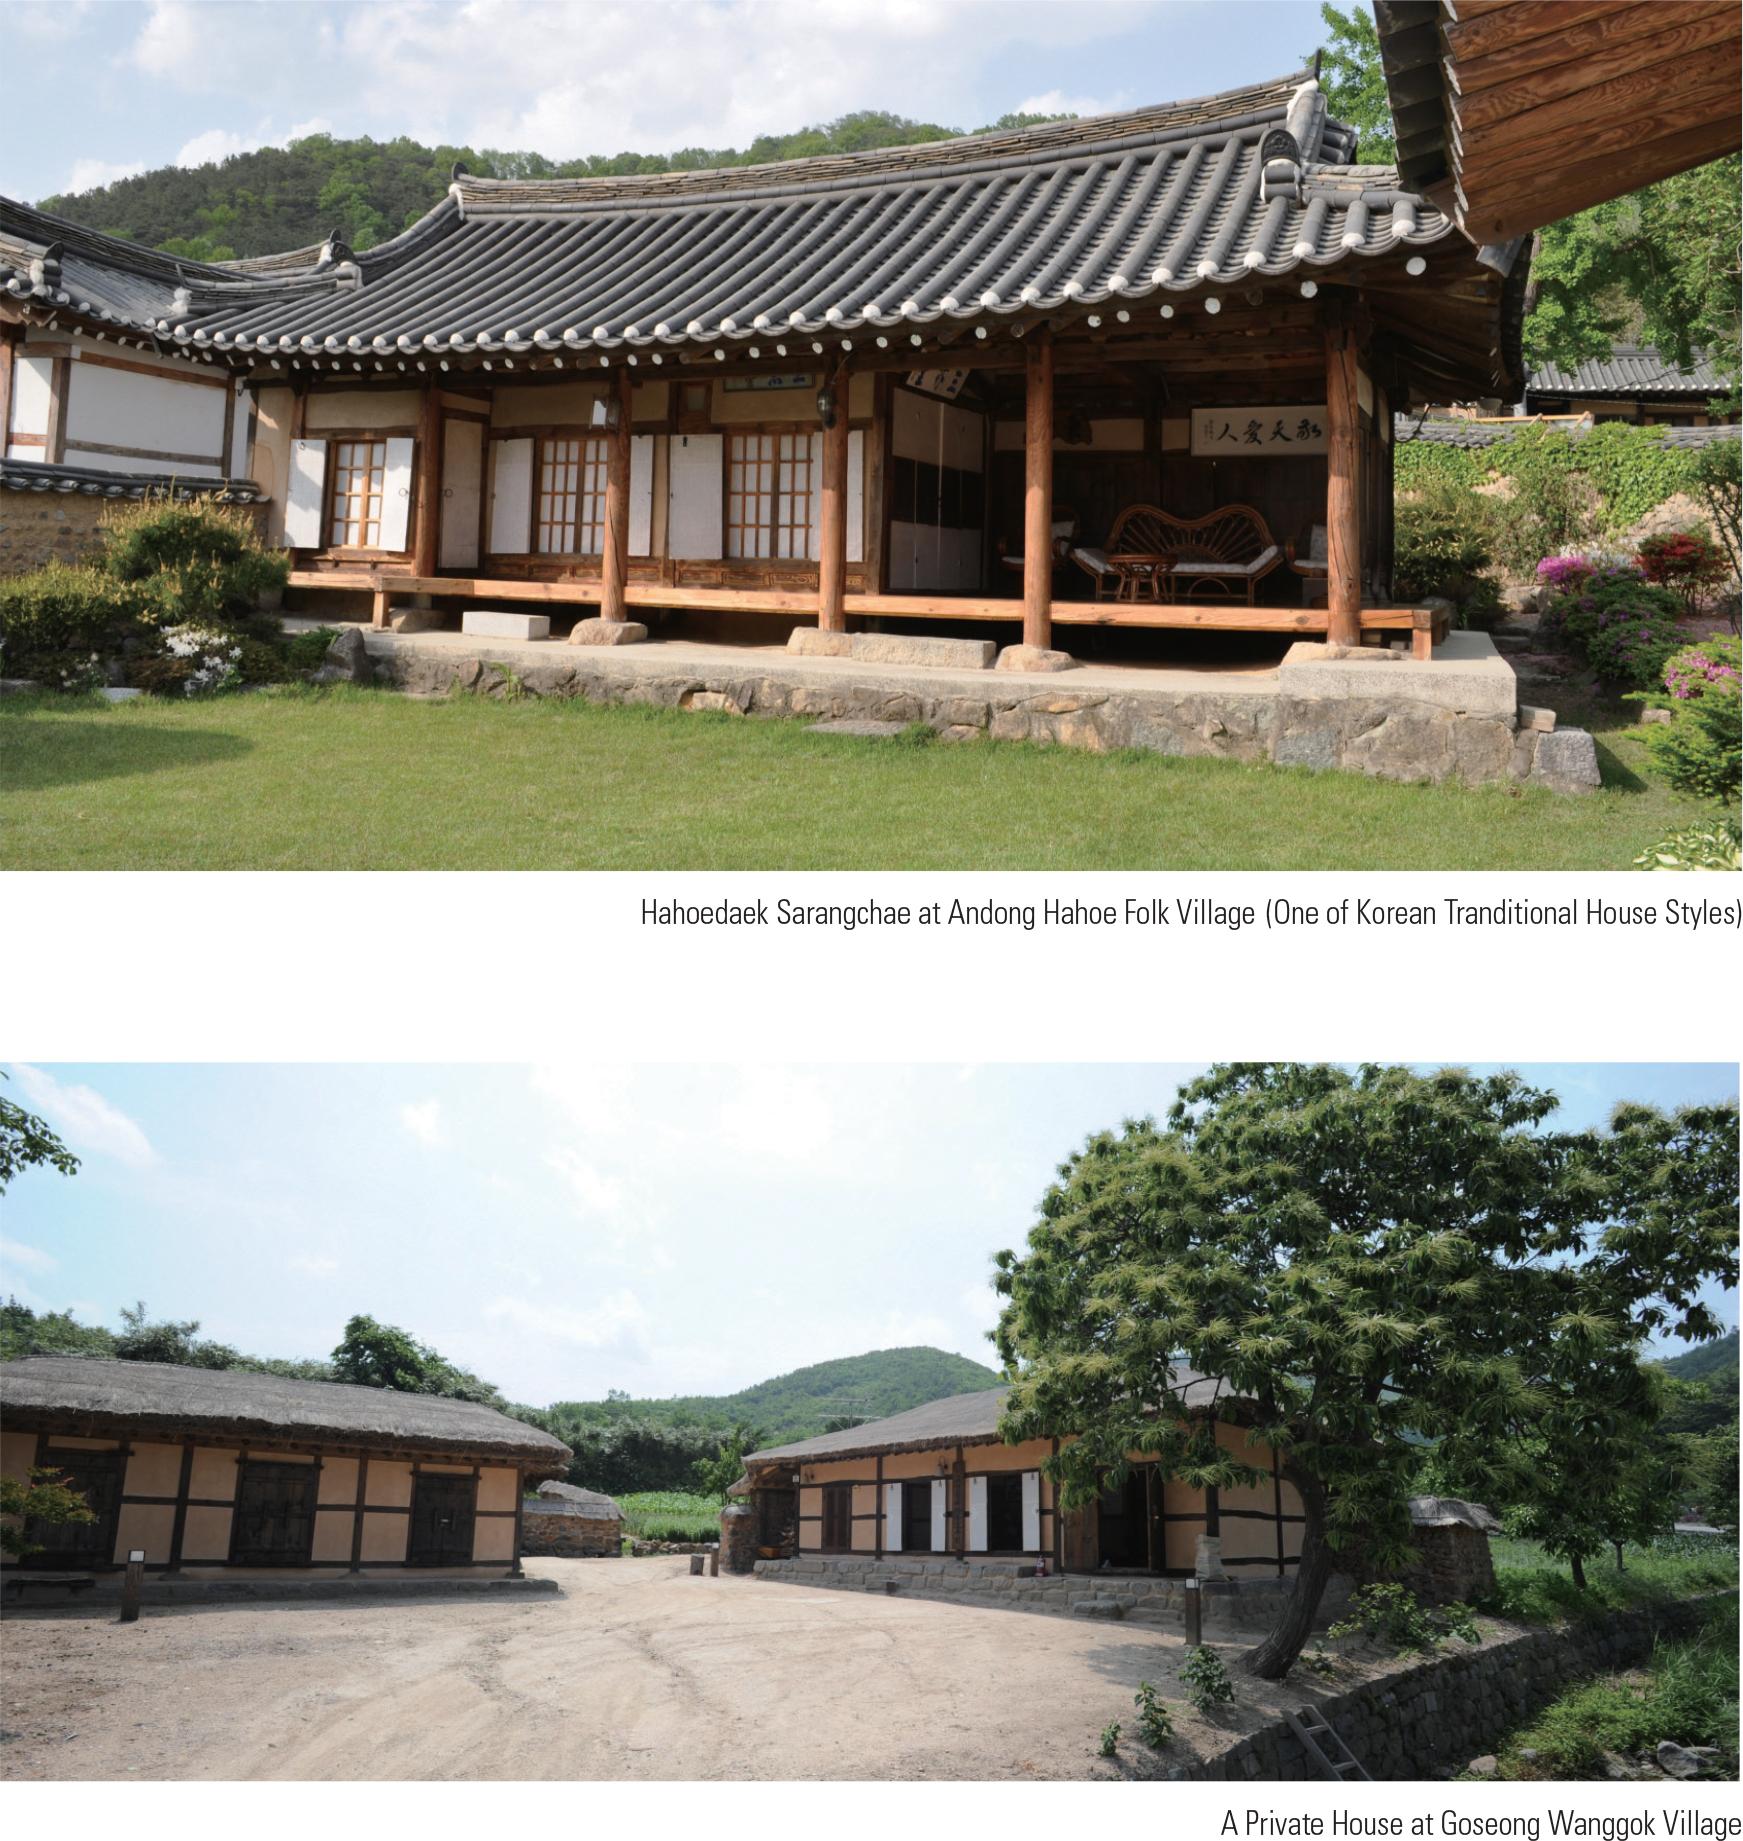 Hahoedaek Sarangchae at Andong Hahoe Folk Village (One of Korean Tranditional House Styles)<p>A Private House at Goseong Wanggok Villa